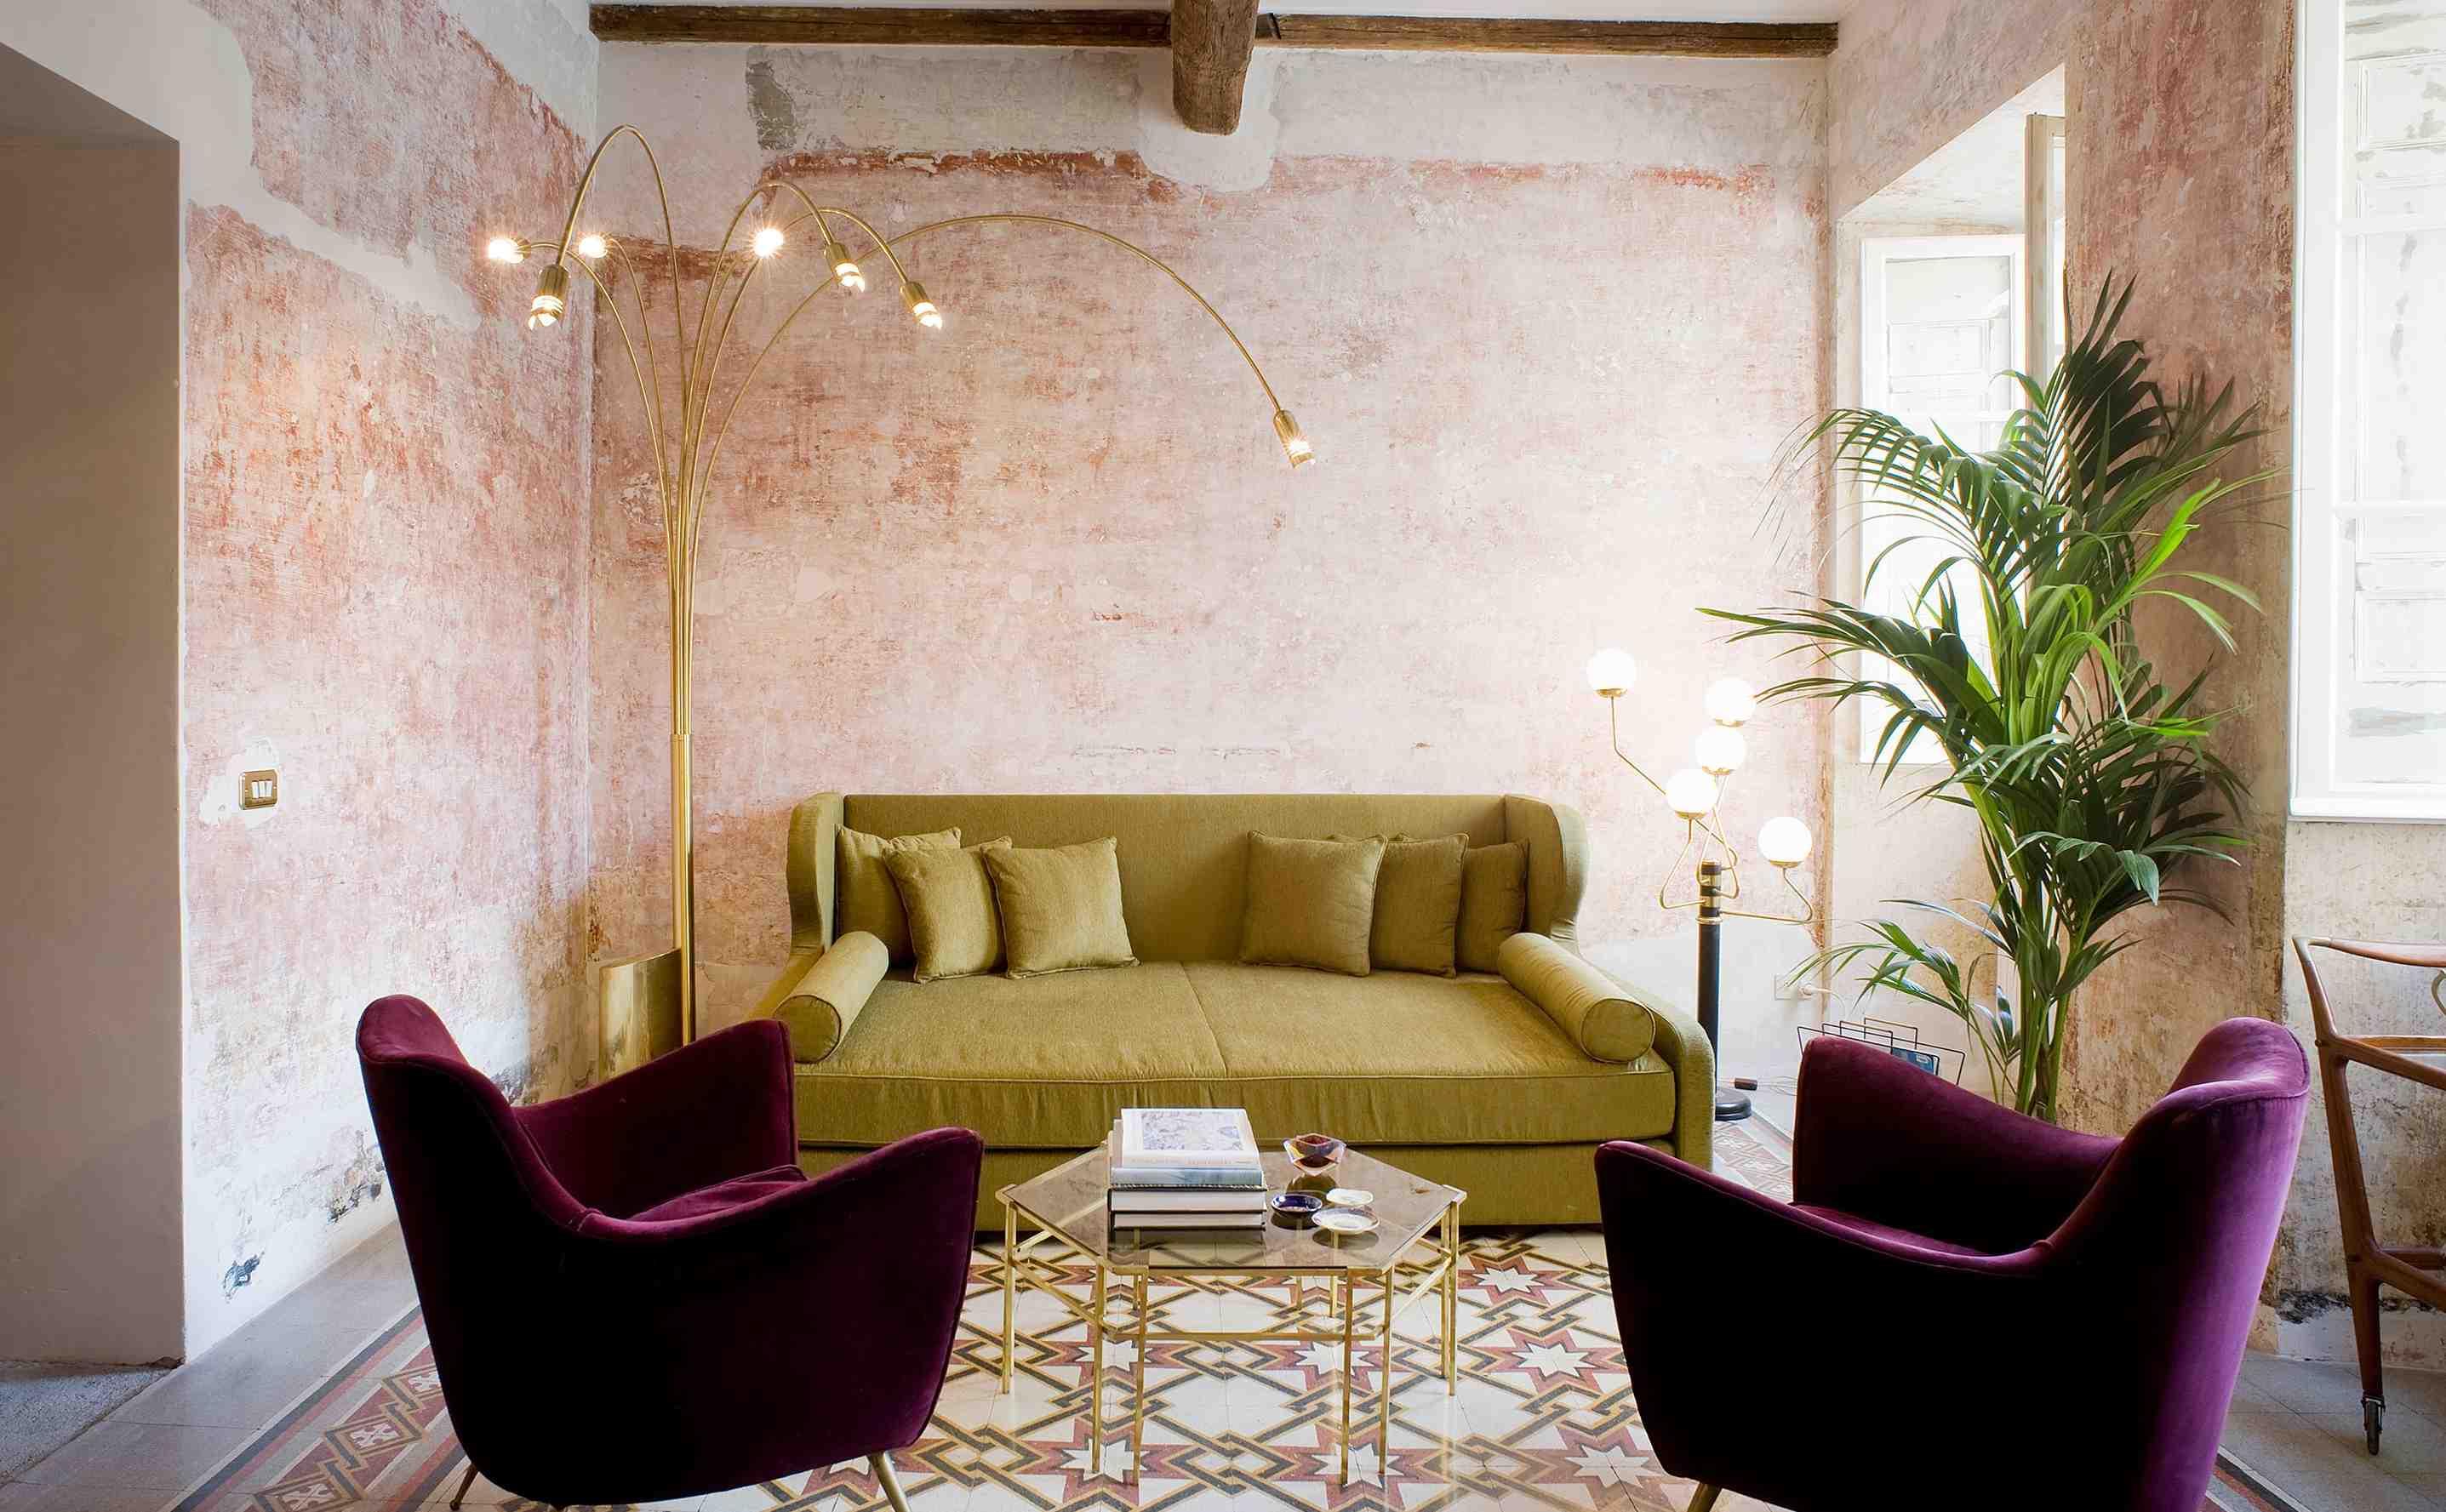 Design Hotel Il Berg Luxury Hotel Di Roma : Design hotels con g rough lo sfarzo di roma sposa il